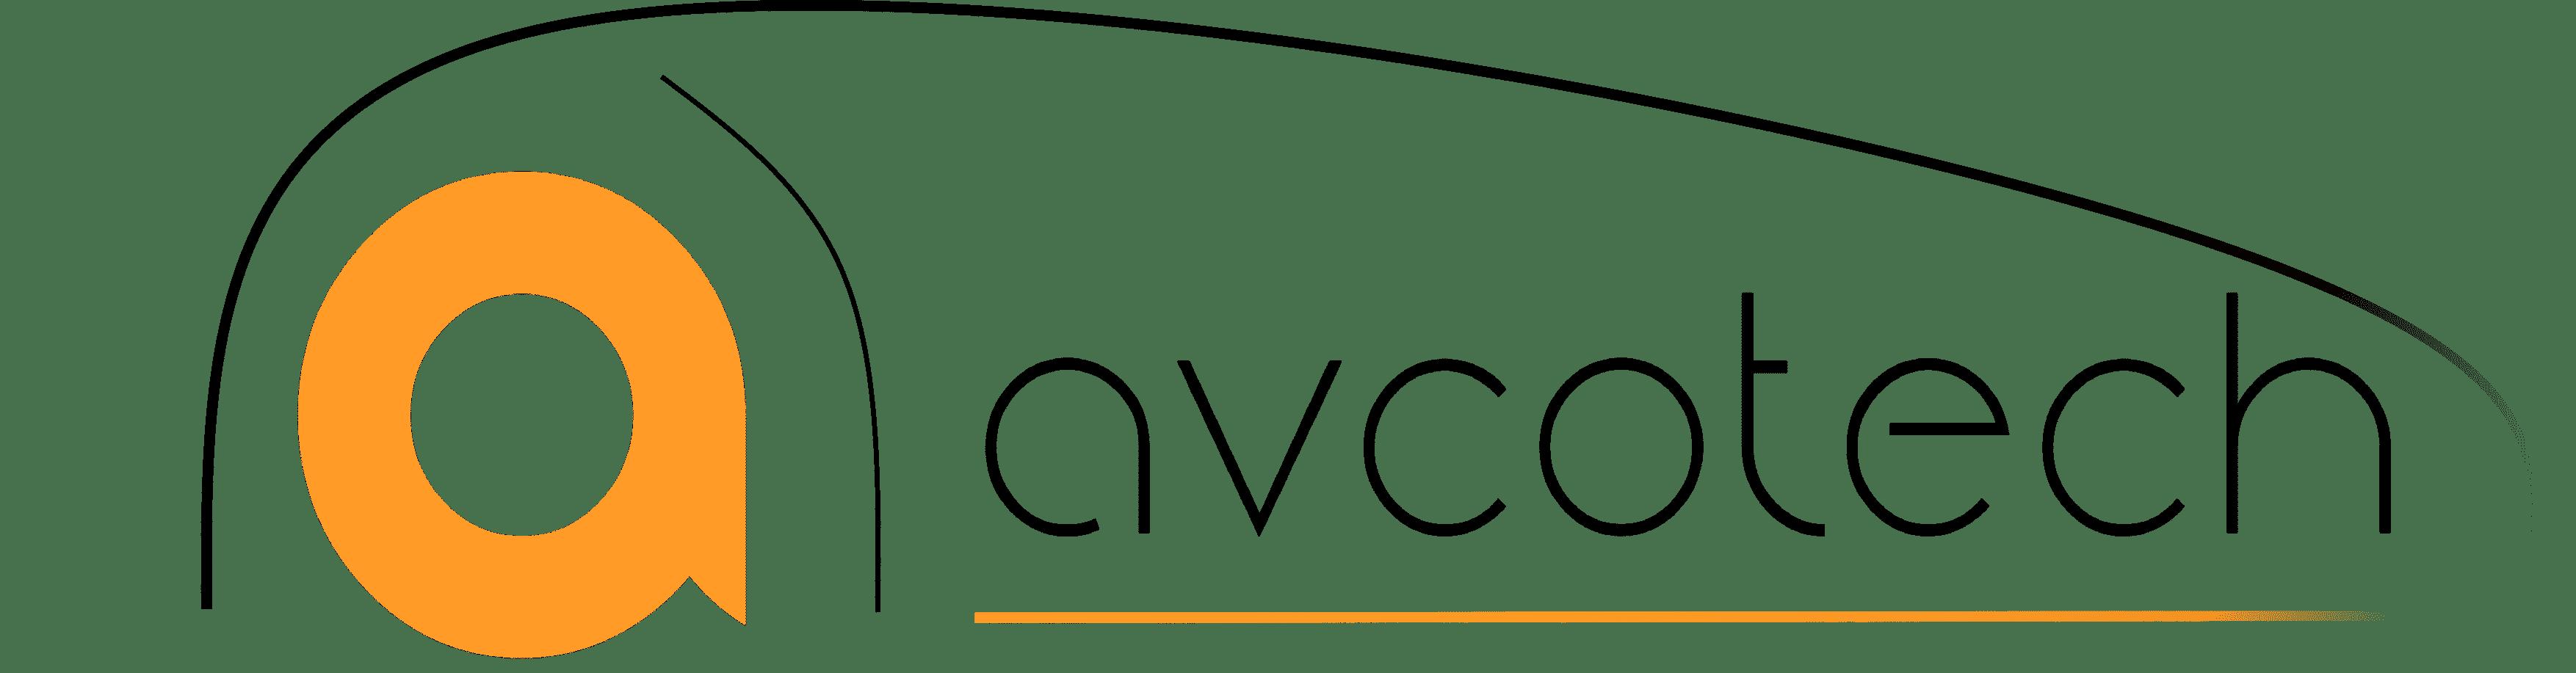 Avcotech